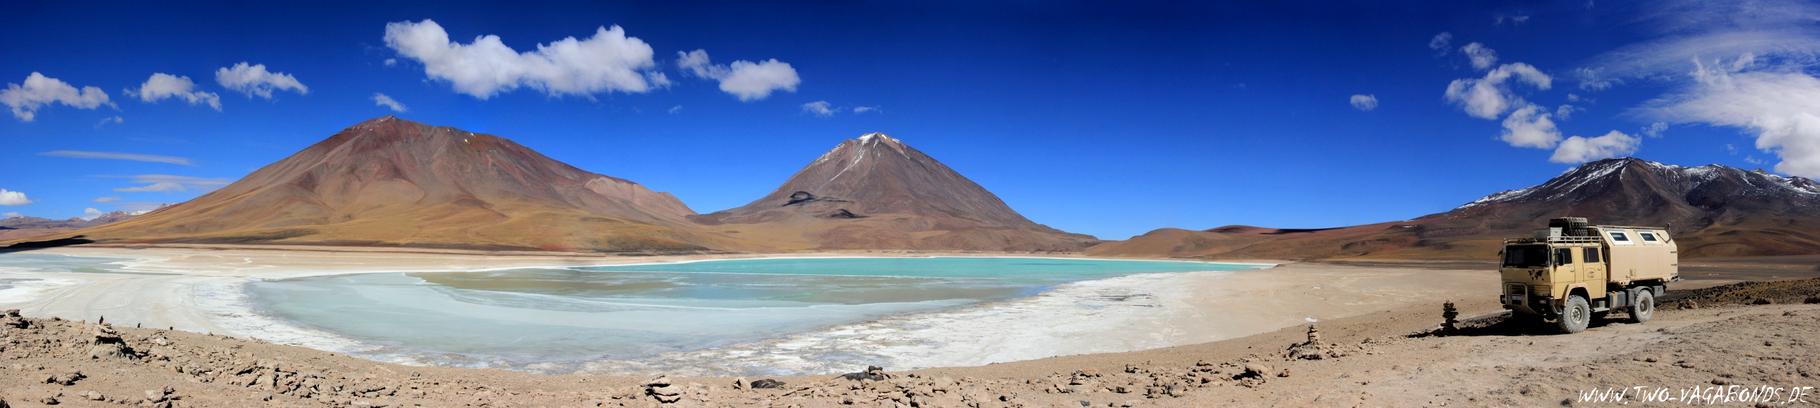 2015 BOLIVIEN / LAGUNA VERDE